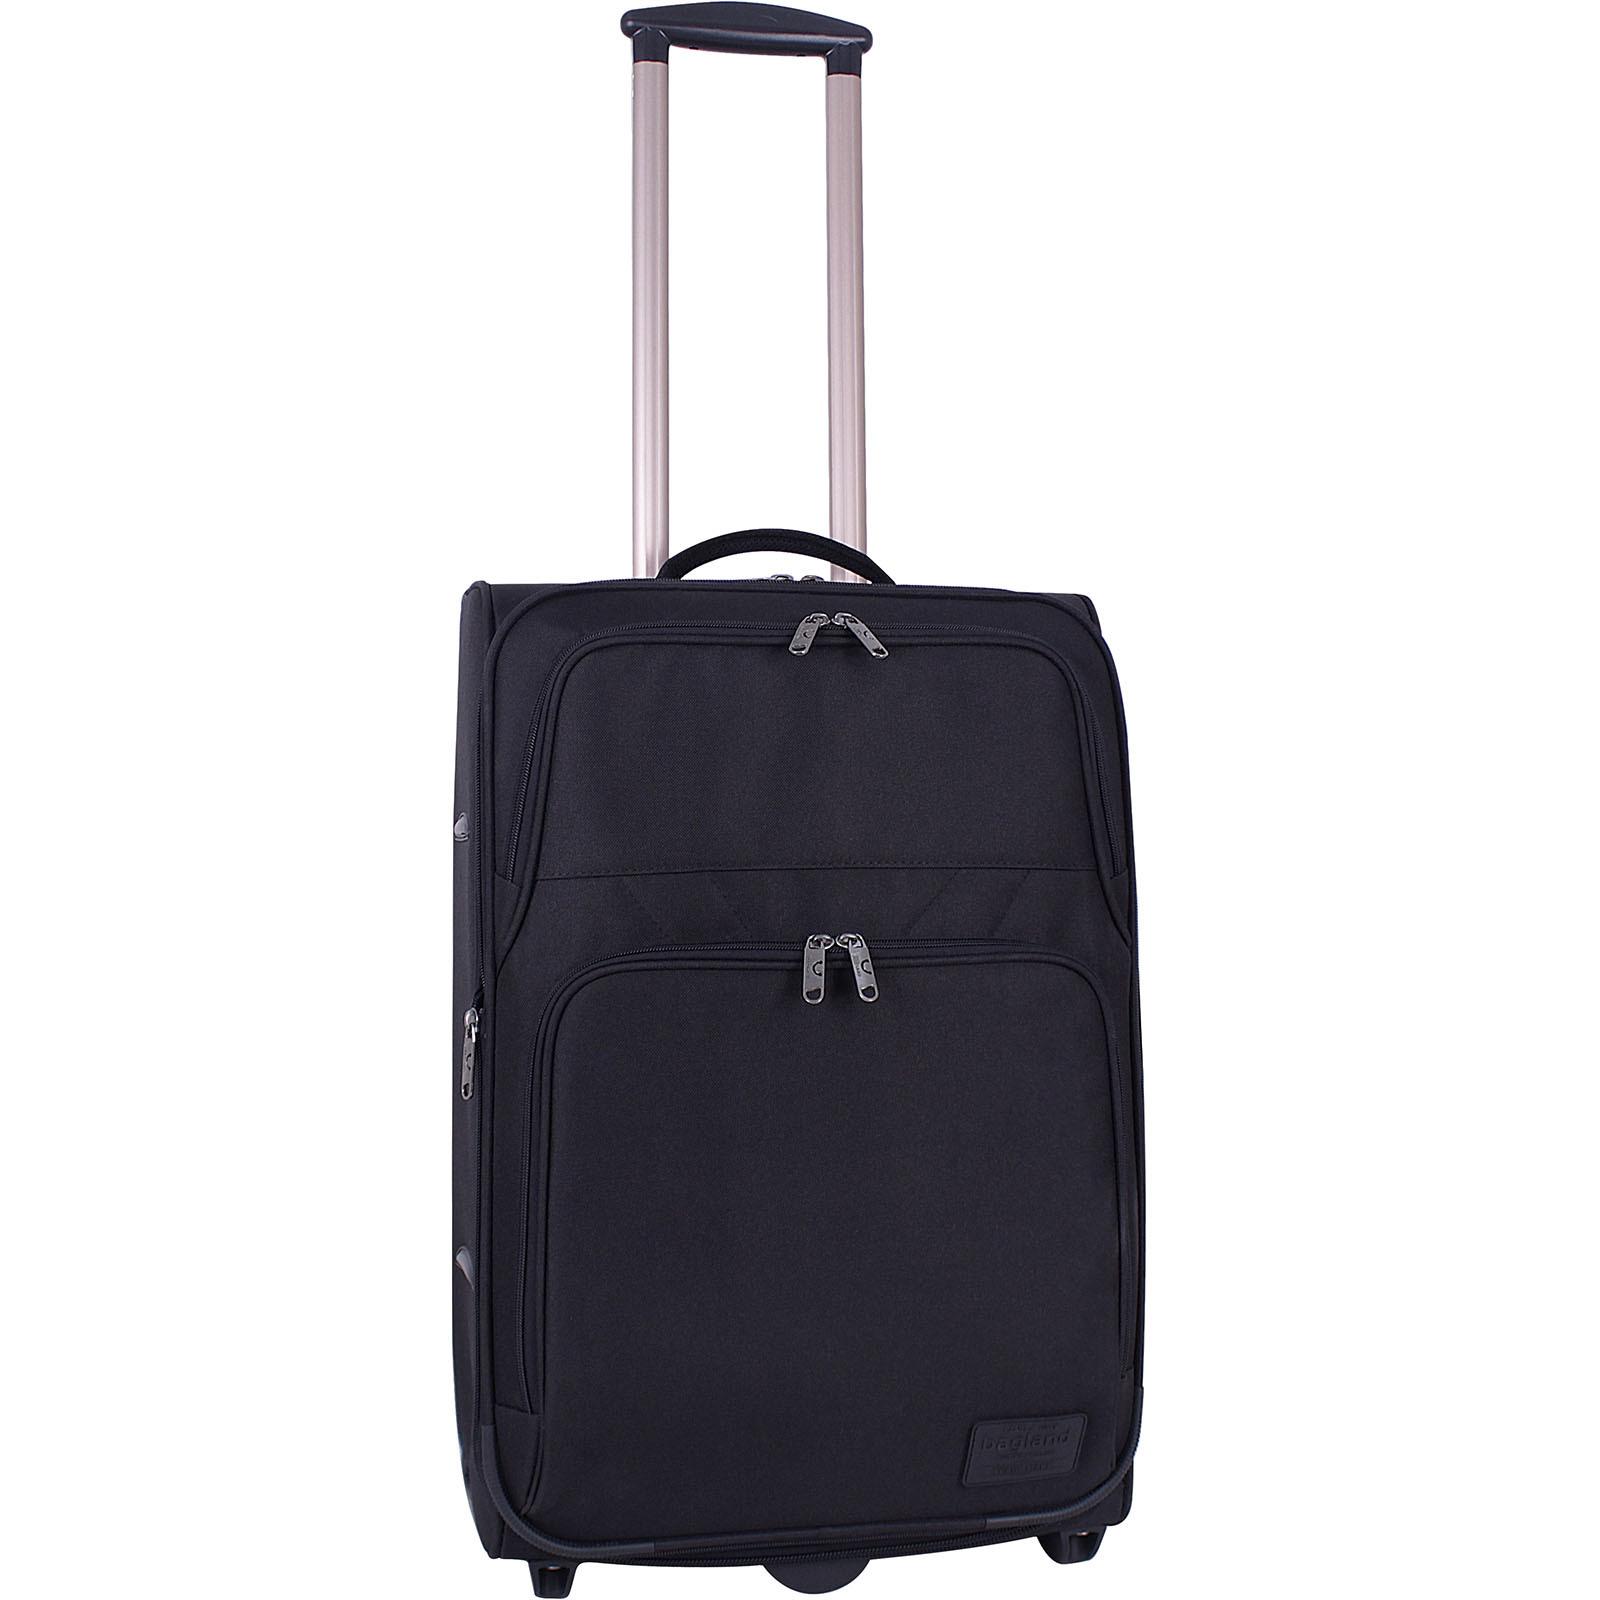 Дорожные чемоданы Чемодан Bagland Леон средний 51 л. Чёрный (003766624) IMG_9225.JPG